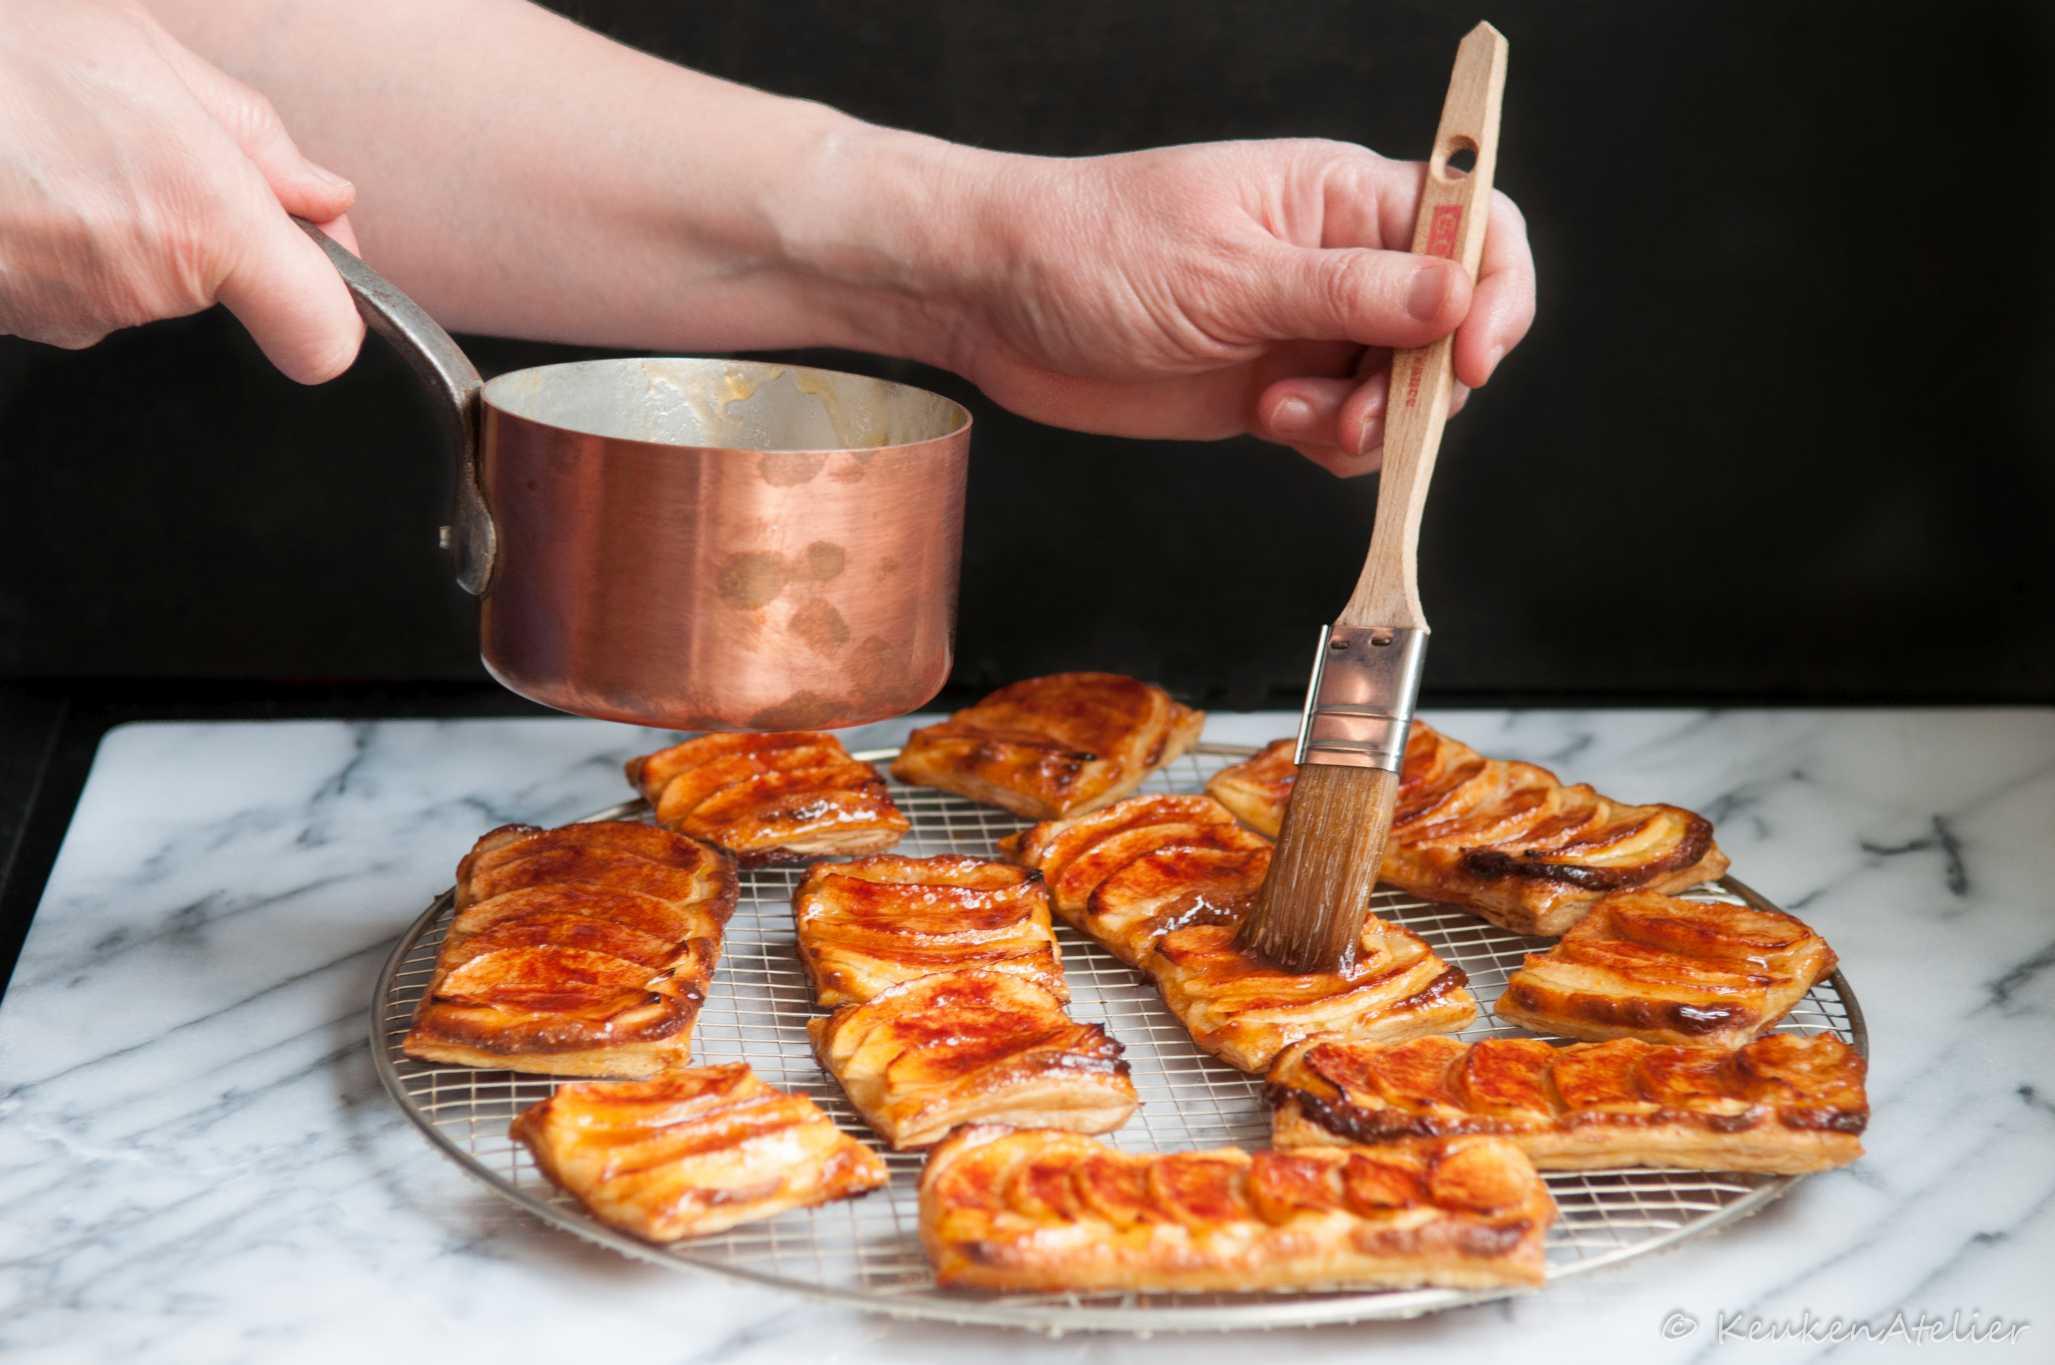 appelmeisjes insmeren | KeukenAtelier